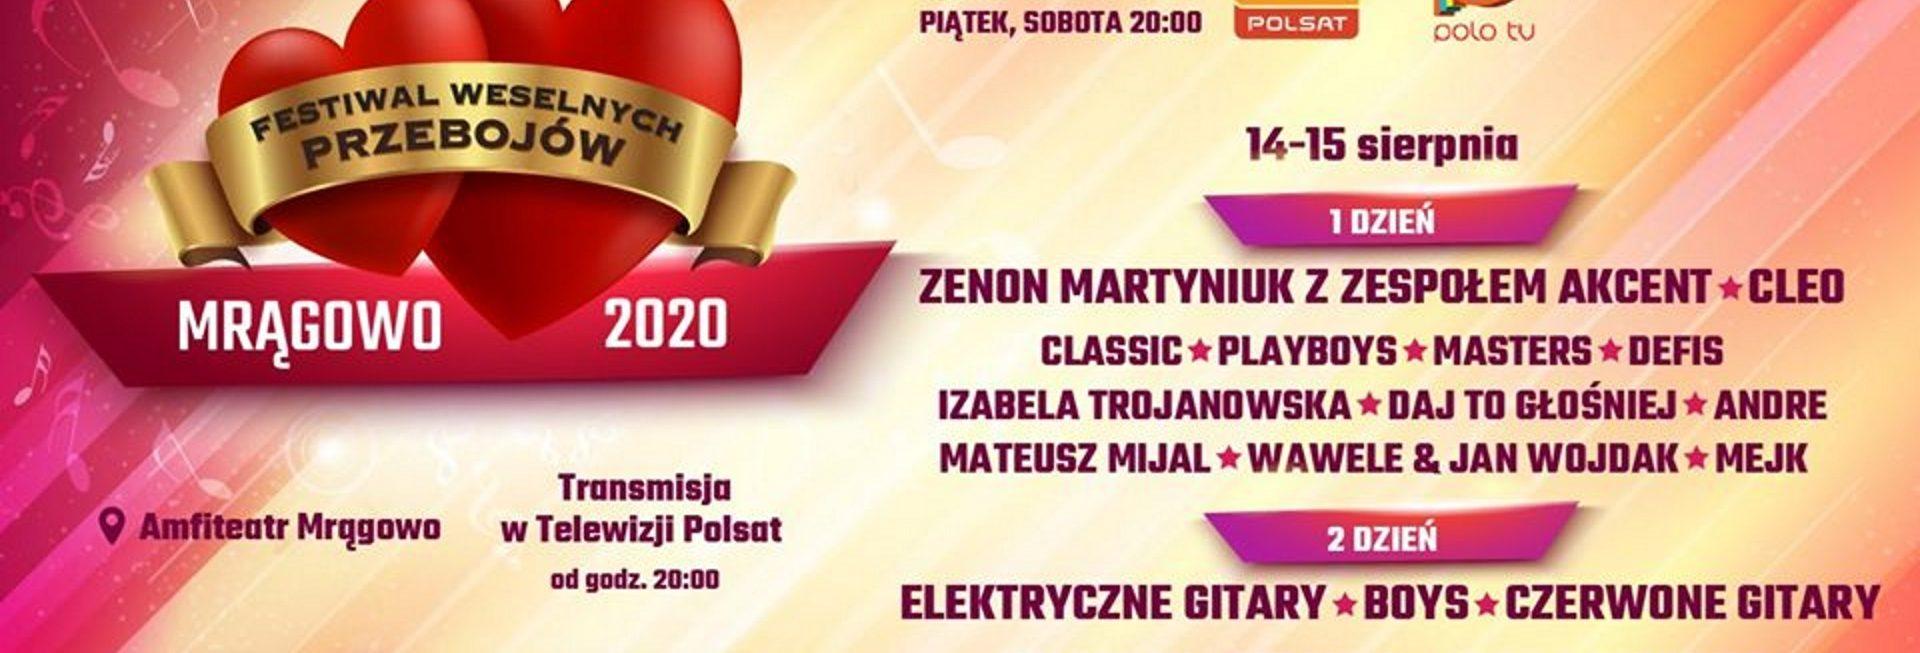 Plakat zapraszający do Mrągowa na Festiwal Weselnych Przebojów - Mrągowo 2020. Na plakacie informacja o koncertach, godziny ich rozpoczęcia oraz wypisane zespoły występujące w ciągu dwóch dni festiwalu.